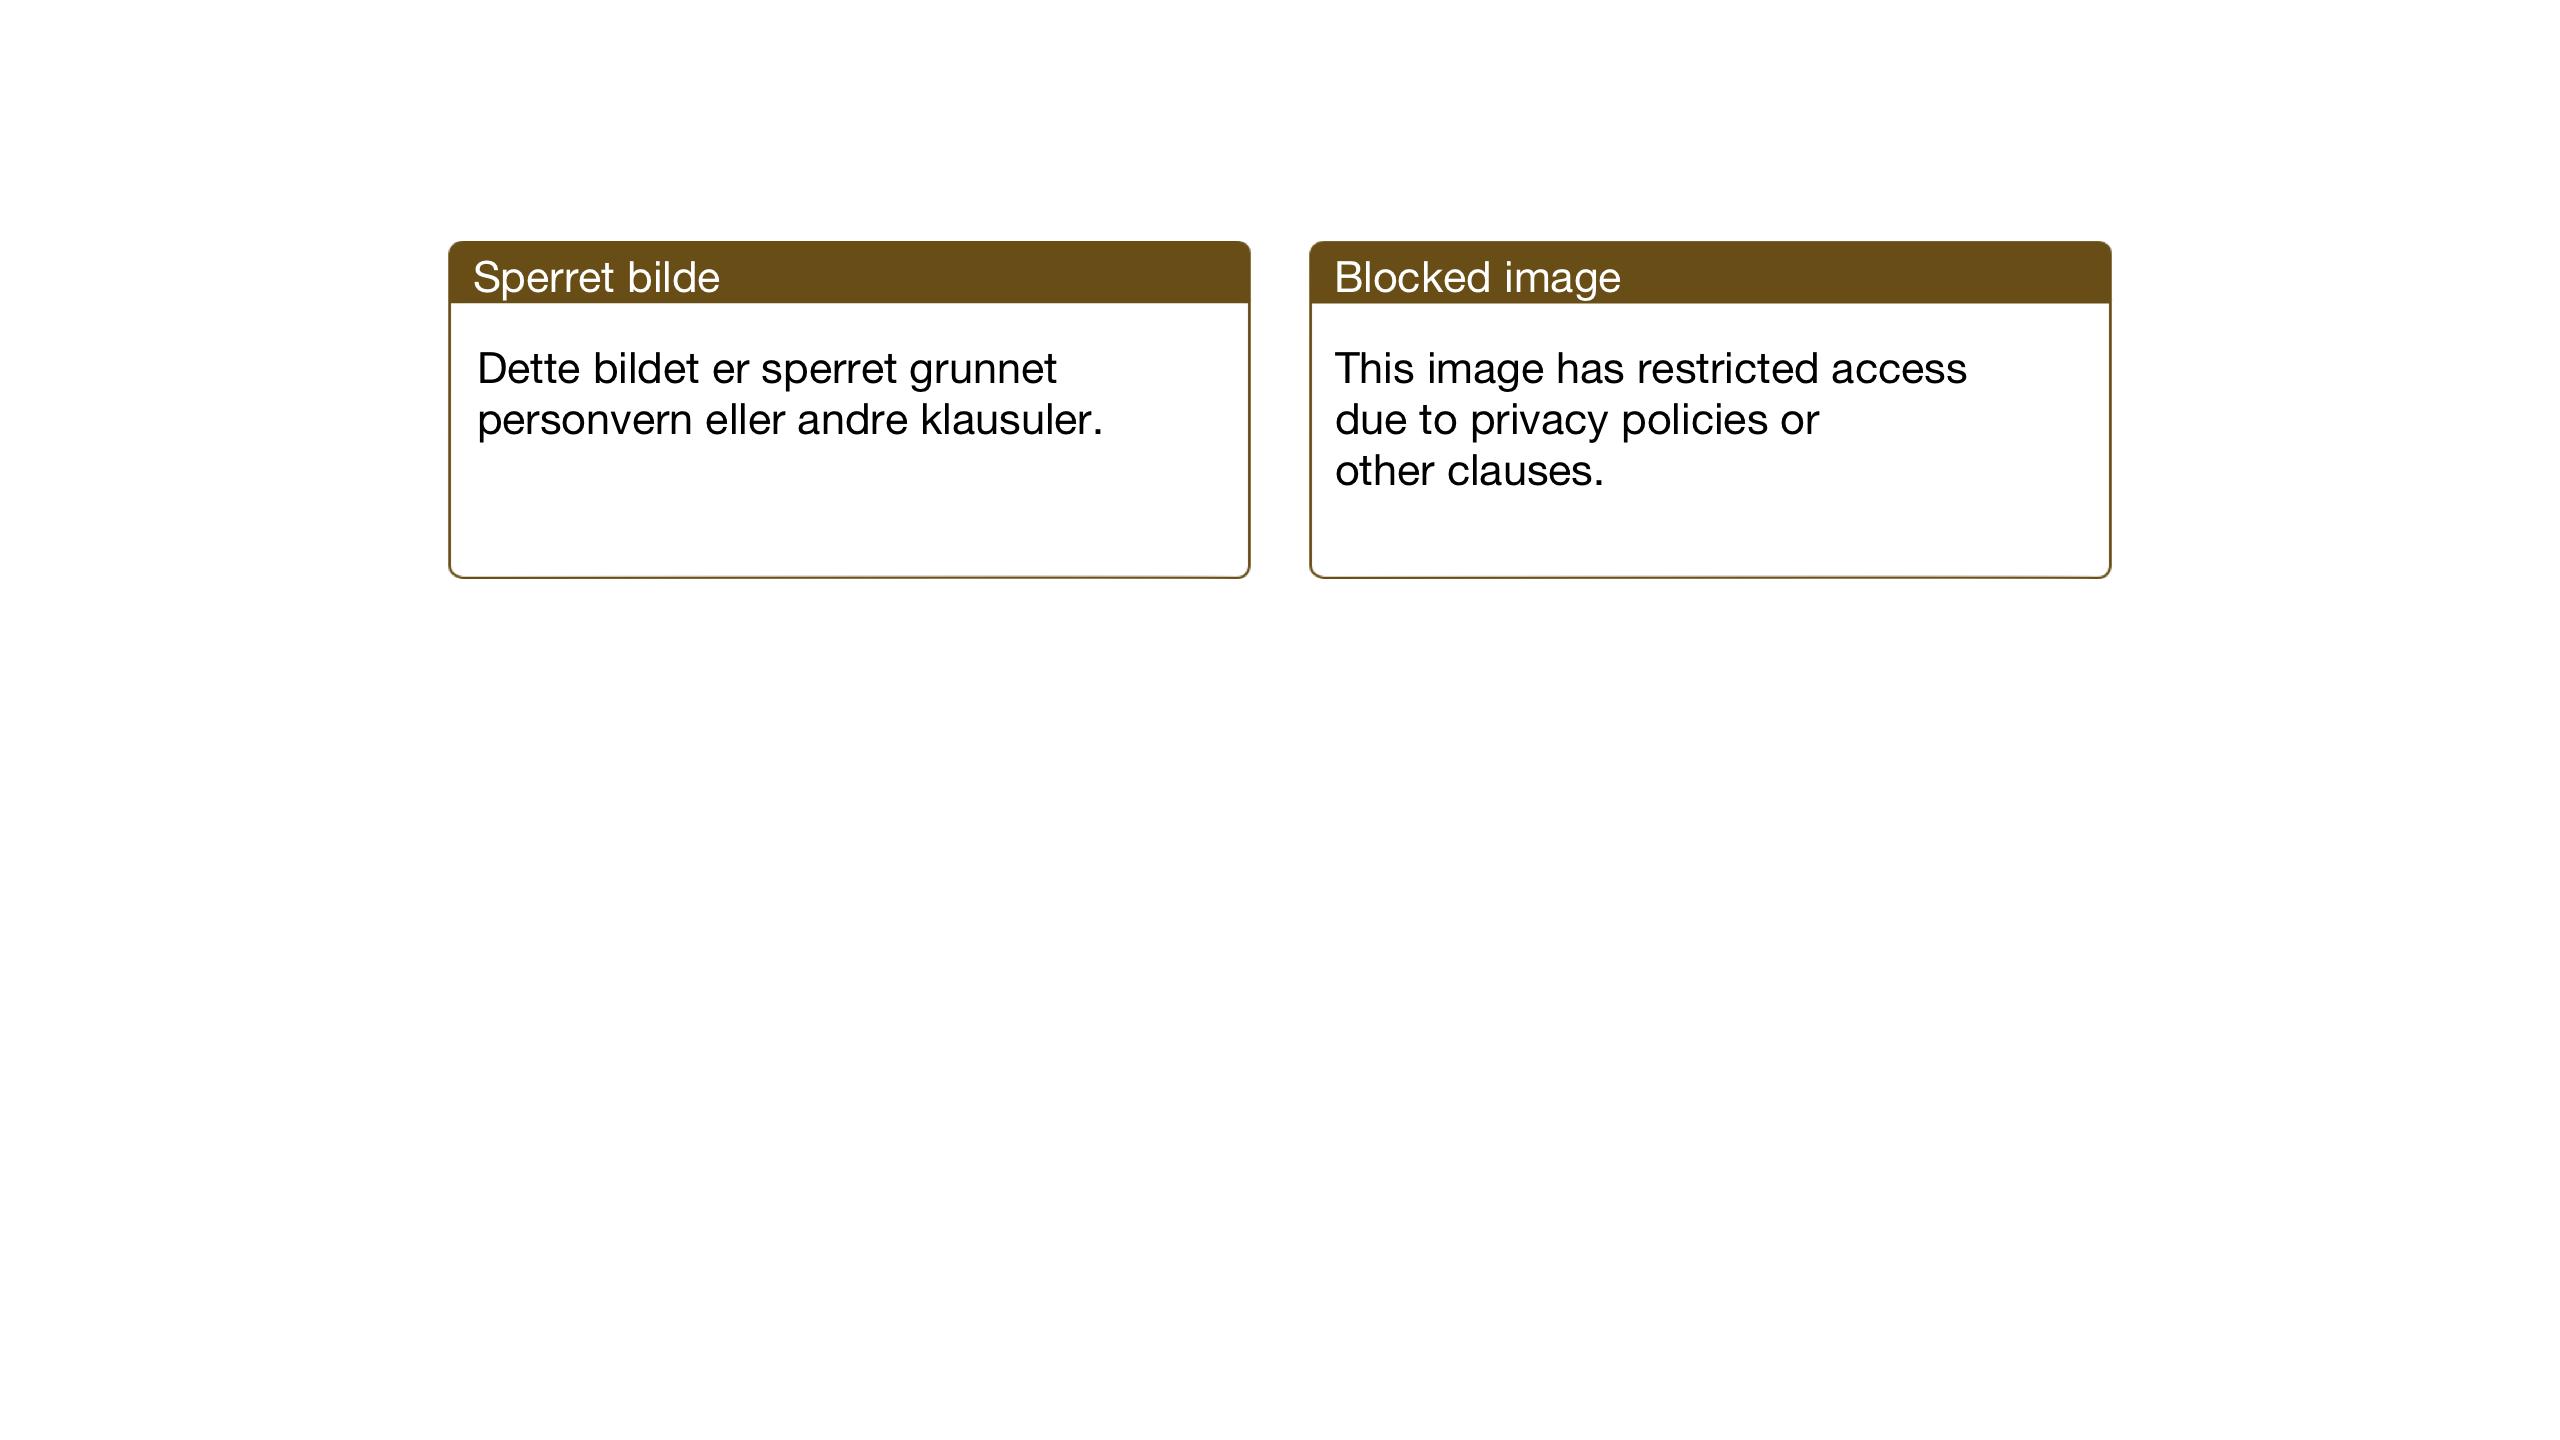 SAT, Ministerialprotokoller, klokkerbøker og fødselsregistre - Sør-Trøndelag, 602/L0148: Klokkerbok nr. 602C16, 1919-1939, s. 129